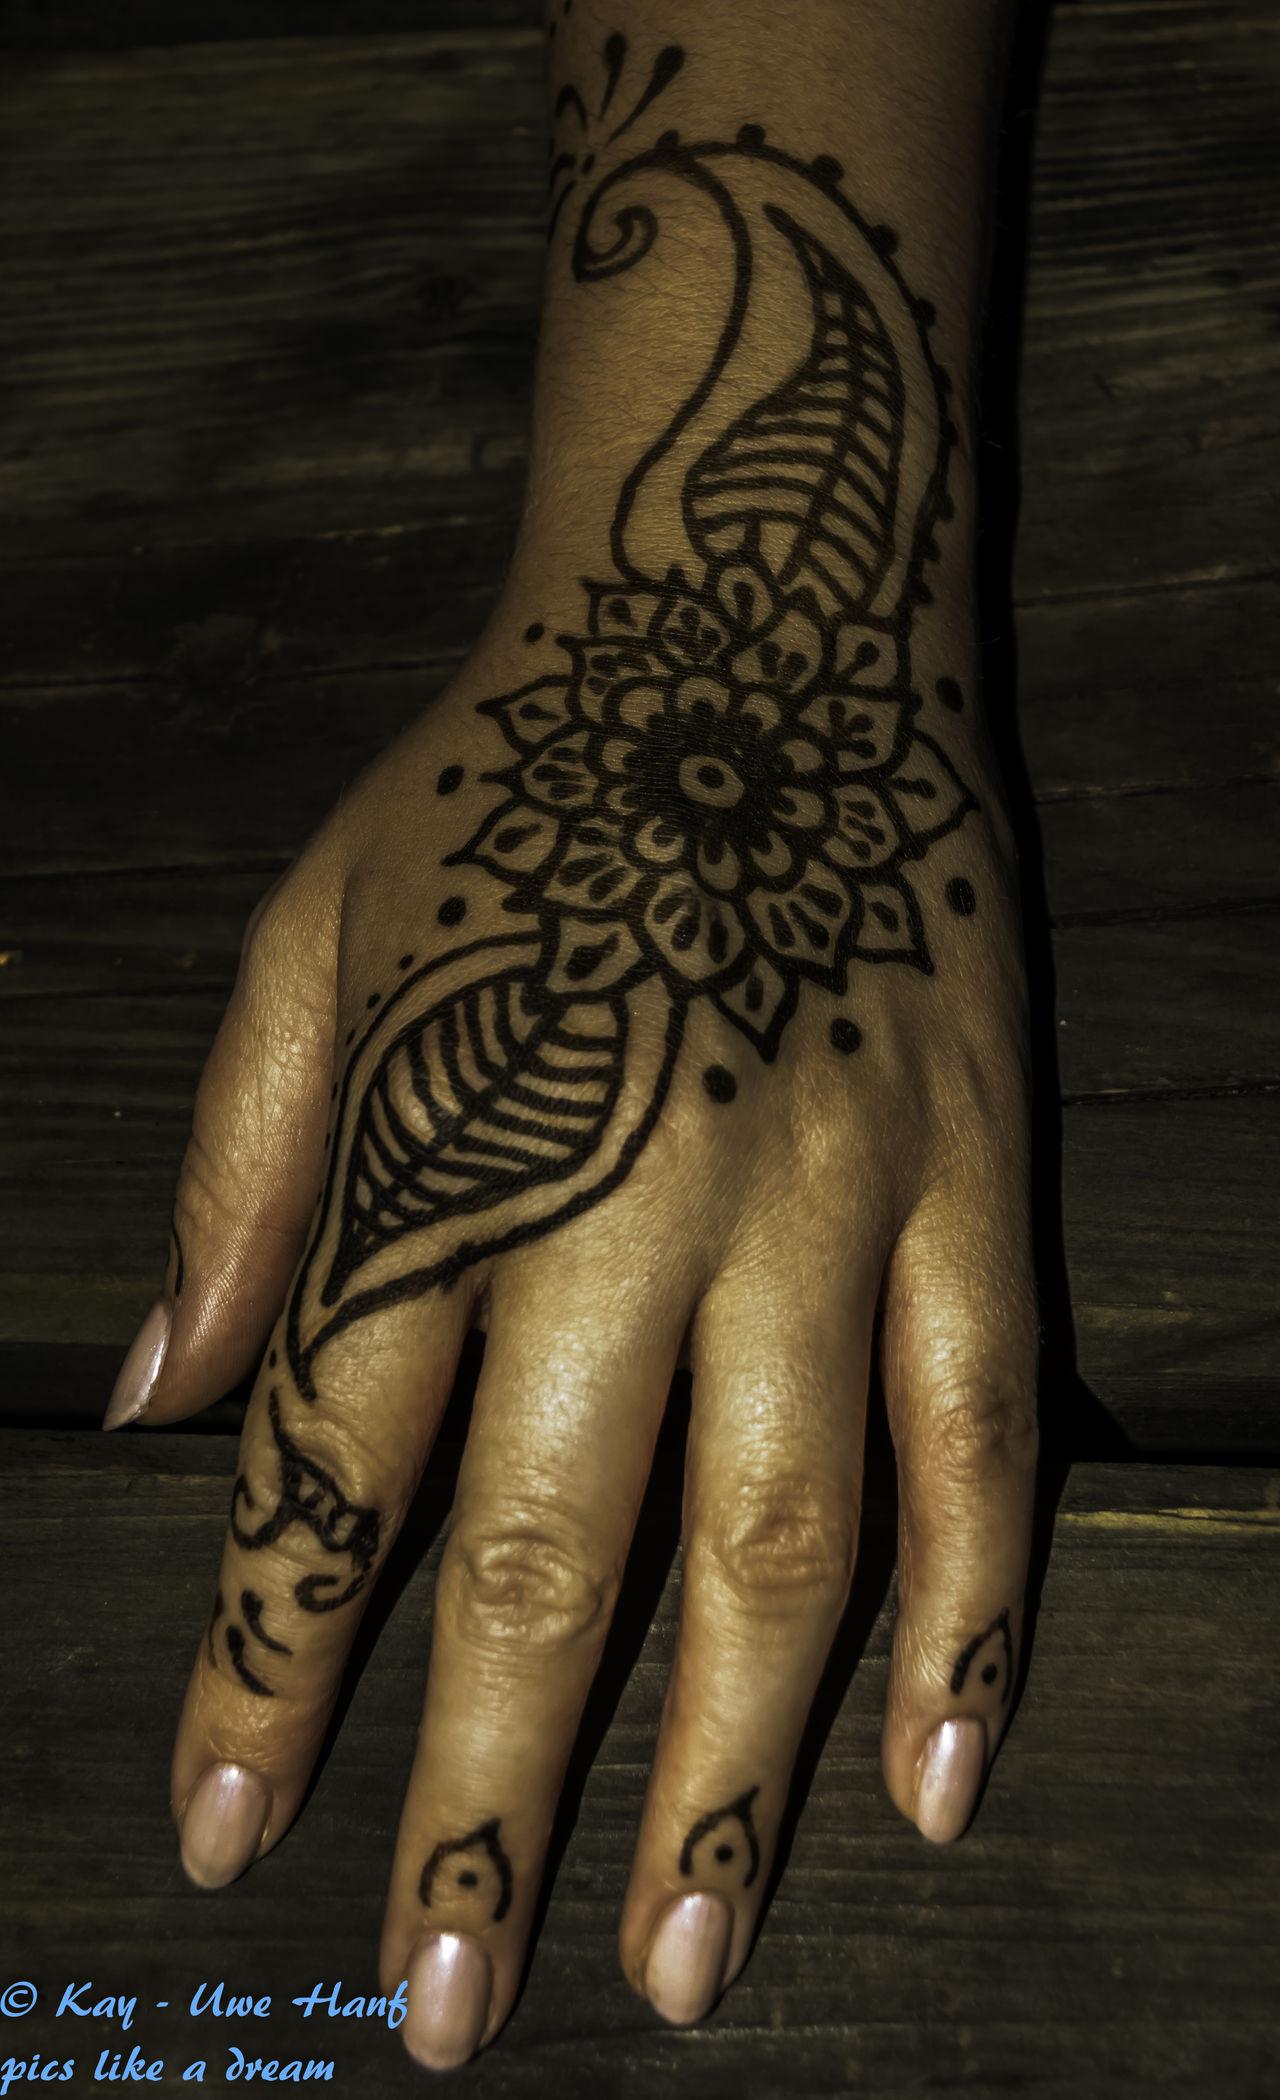 Art Close-up Creativity Design Focus On Foreground Hand Henna Henna Art Henna Artist Henna Design Henna Hand Henna Tattoo Henna Tattoo ❤ Hennatattoo Nikon Nikon D5500 Nikonphotography No People Part Of